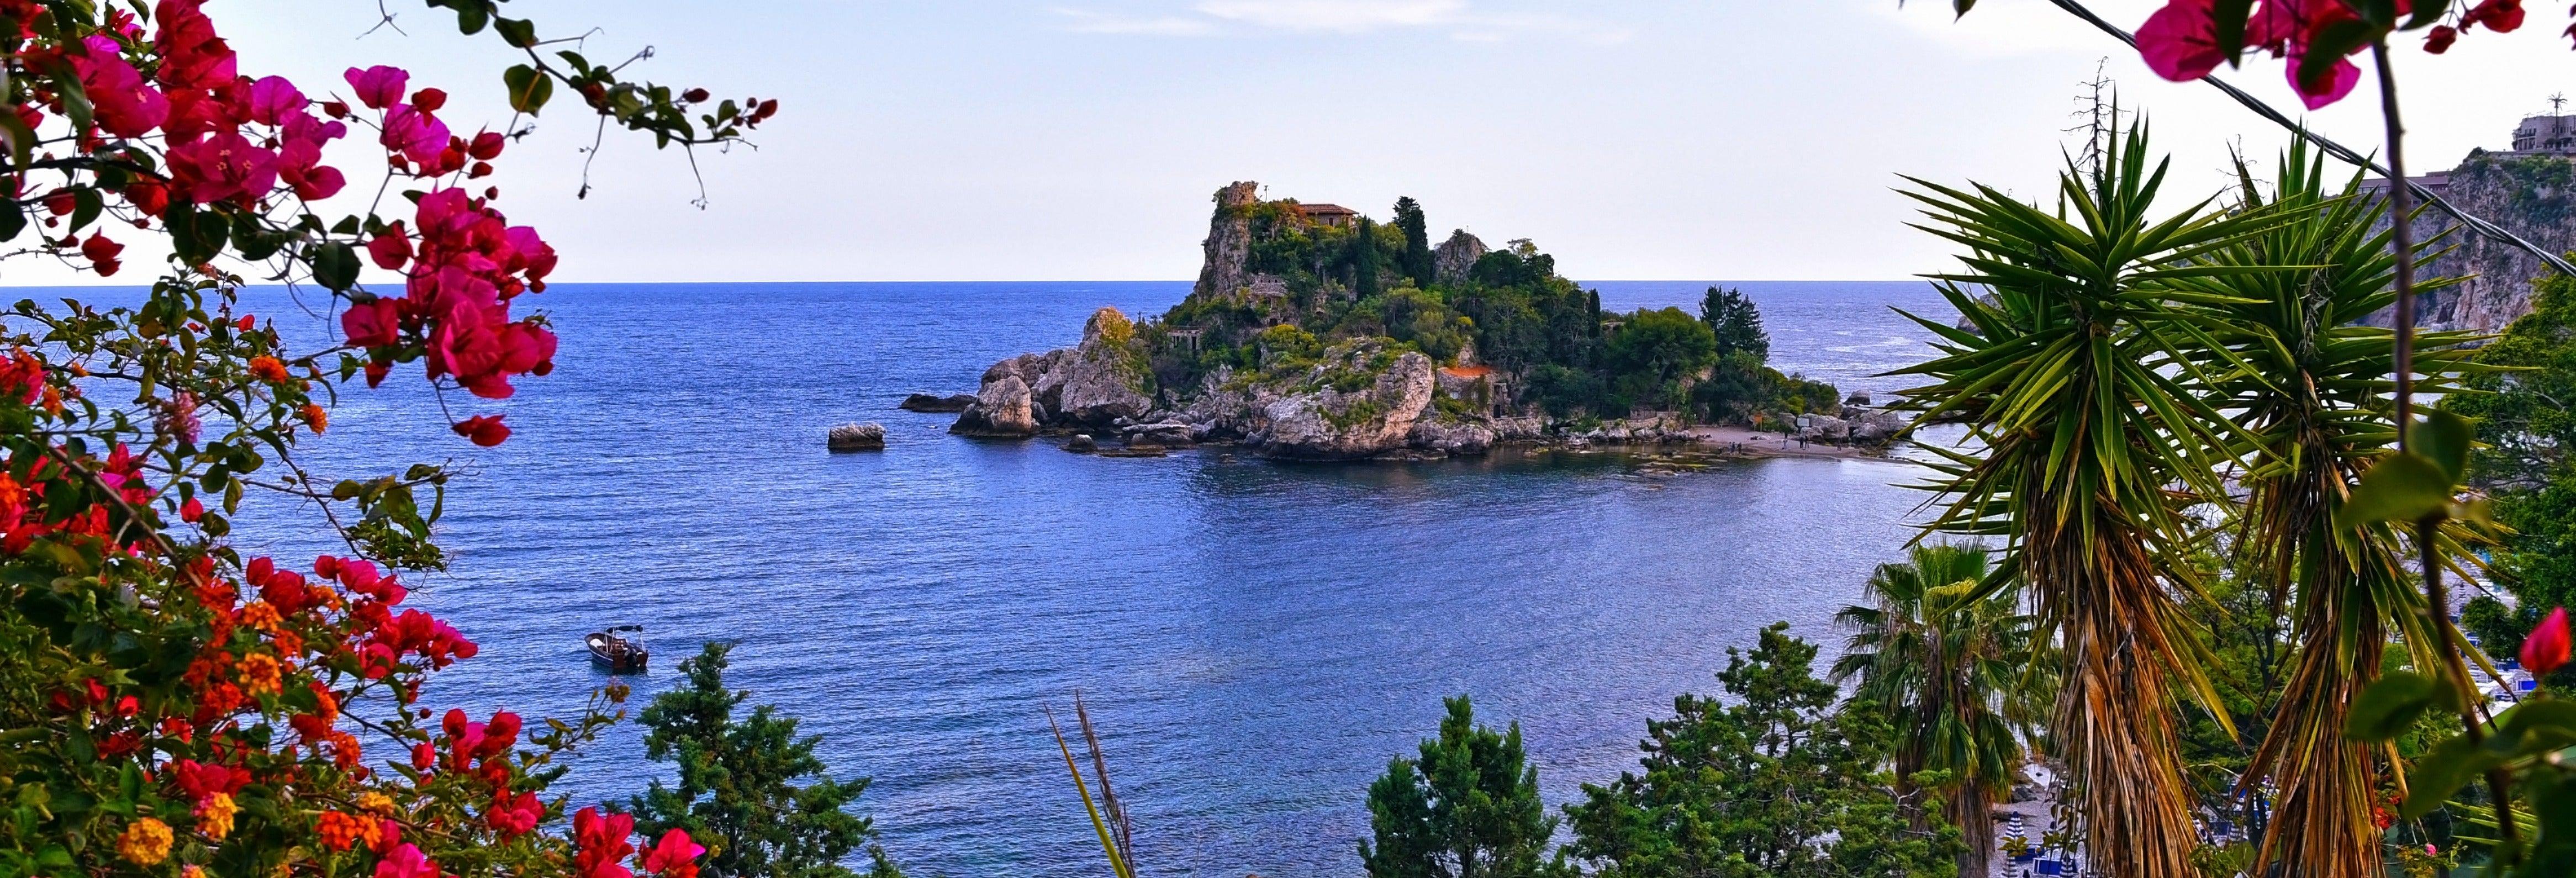 Escursione a Taormina e Isola Bella